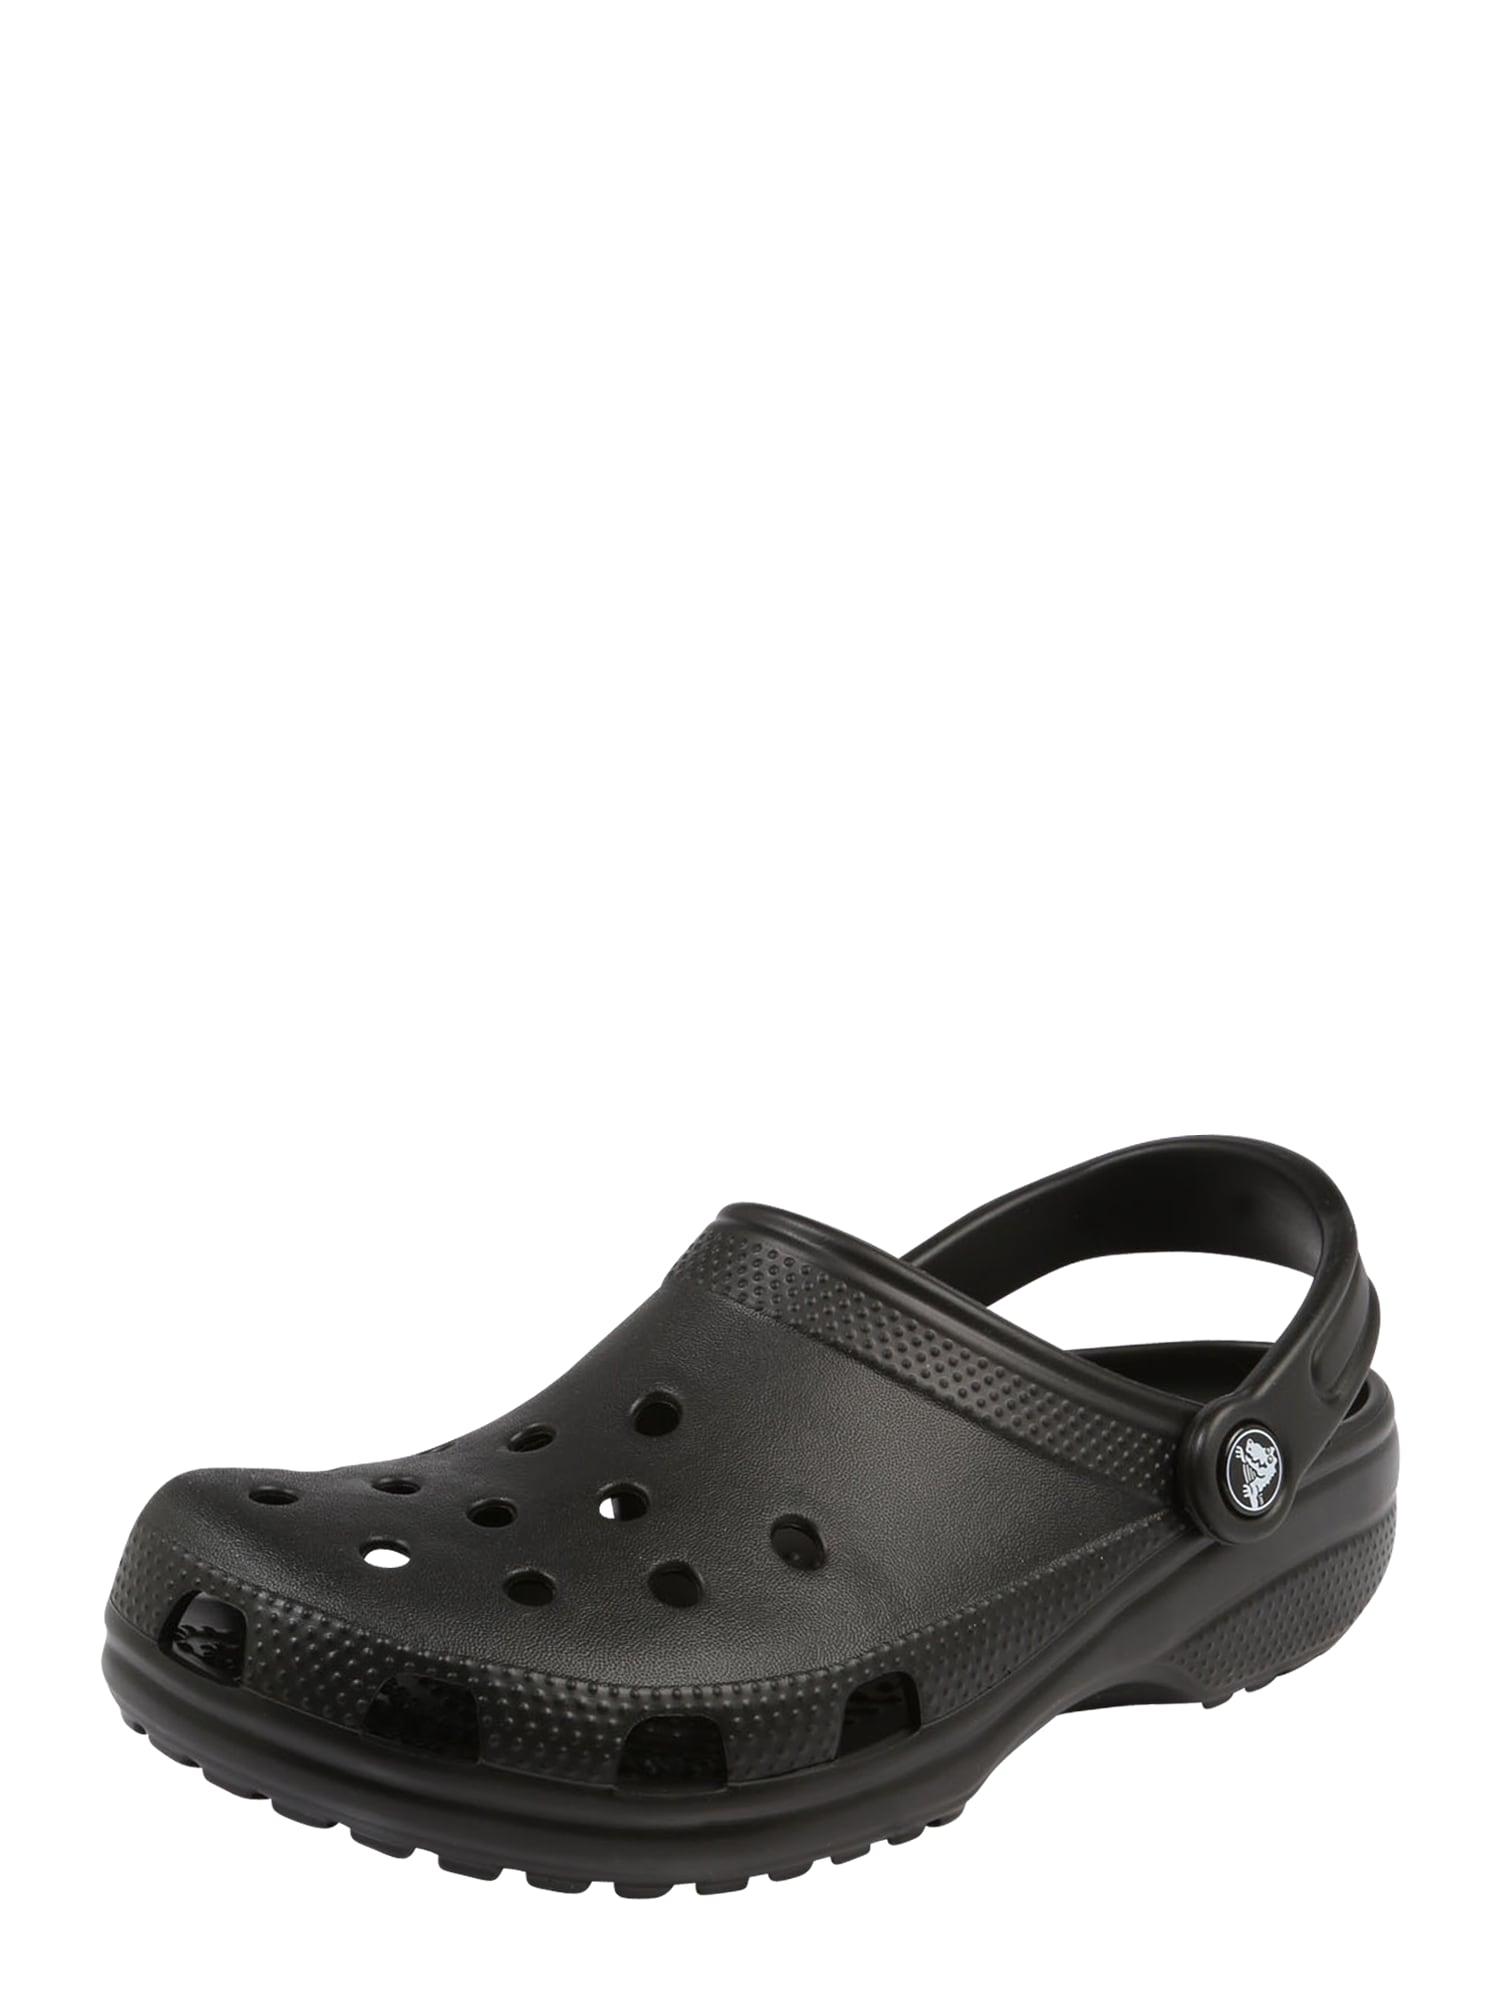 Crocs Sabots 'Classic'  - Noir - Taille: M10W12 - male